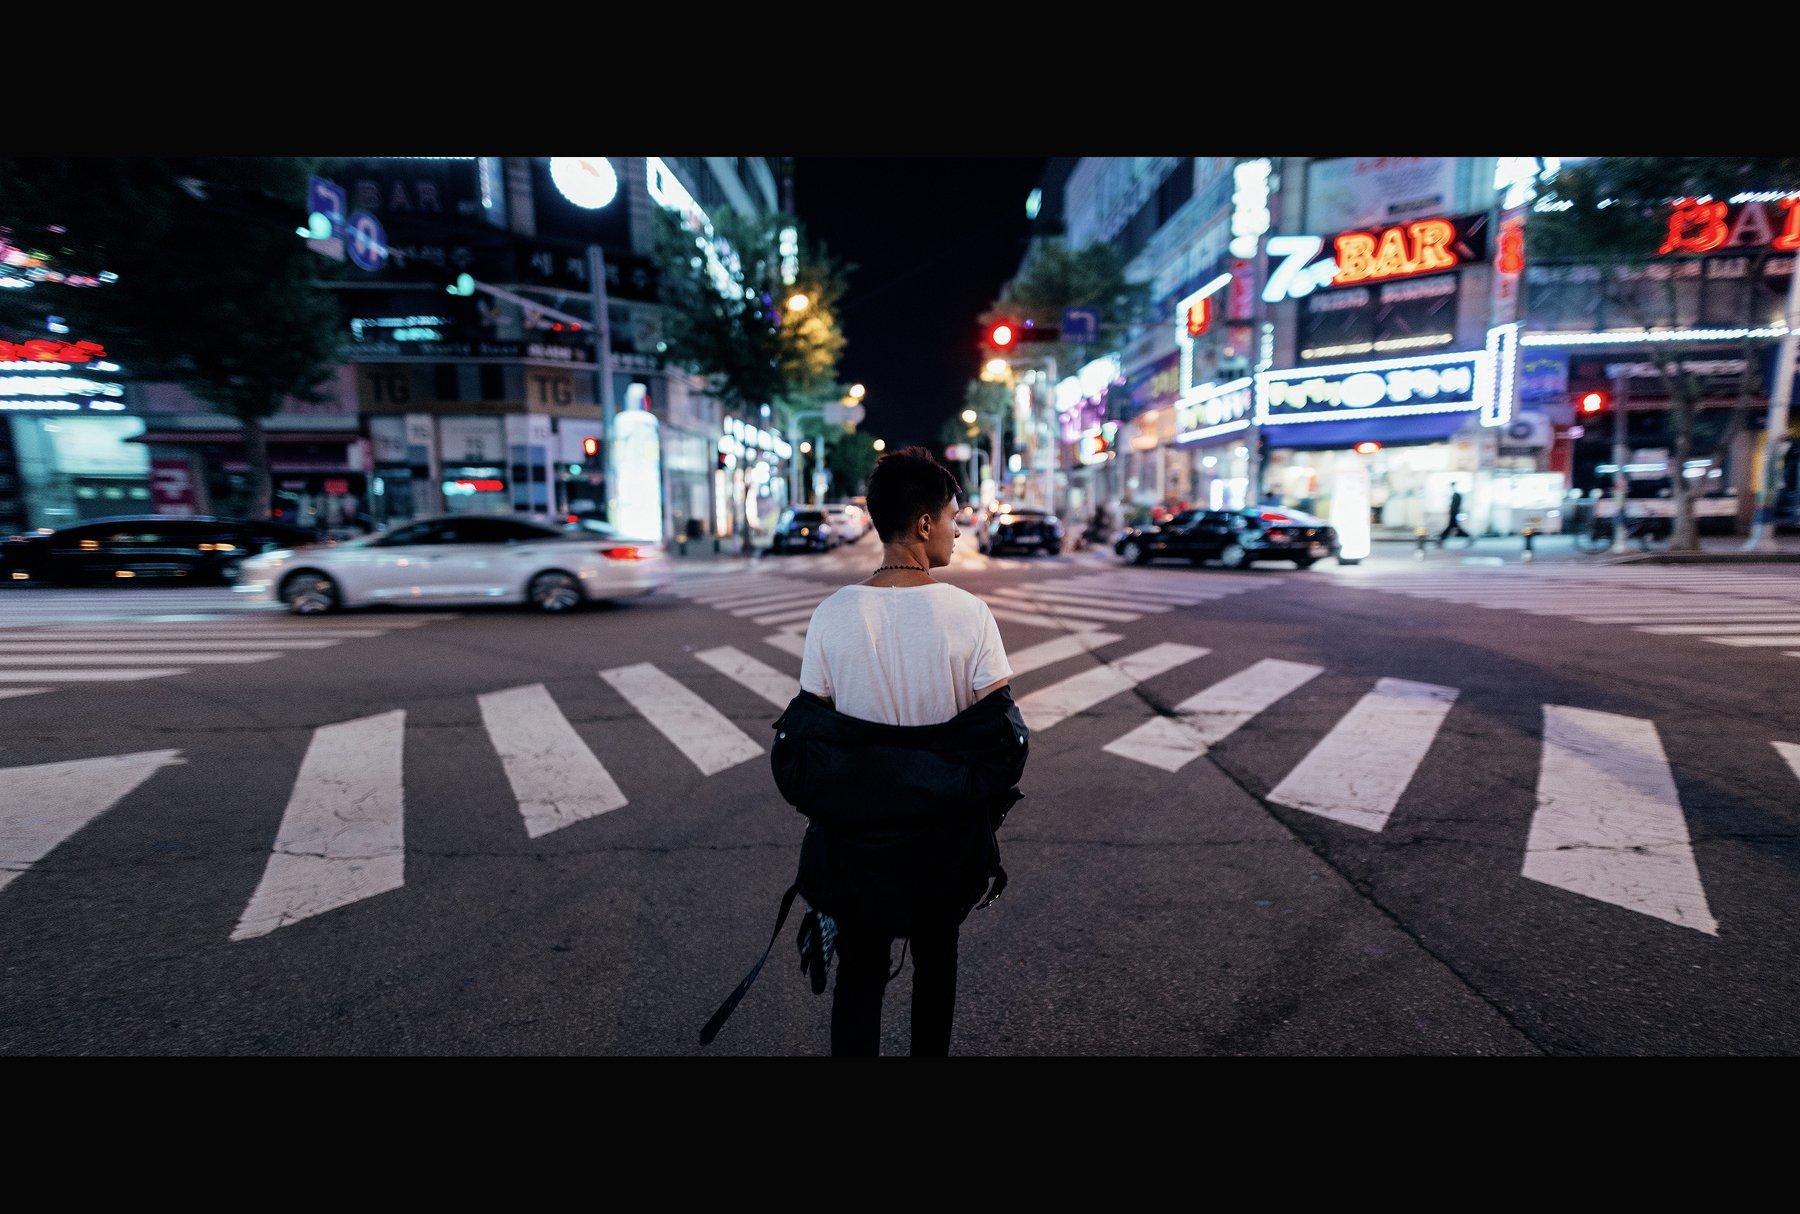 cinematic, киношно, корея, уличная, сьемка, фильм, movie, streetstyle, Бердник Дмитрий